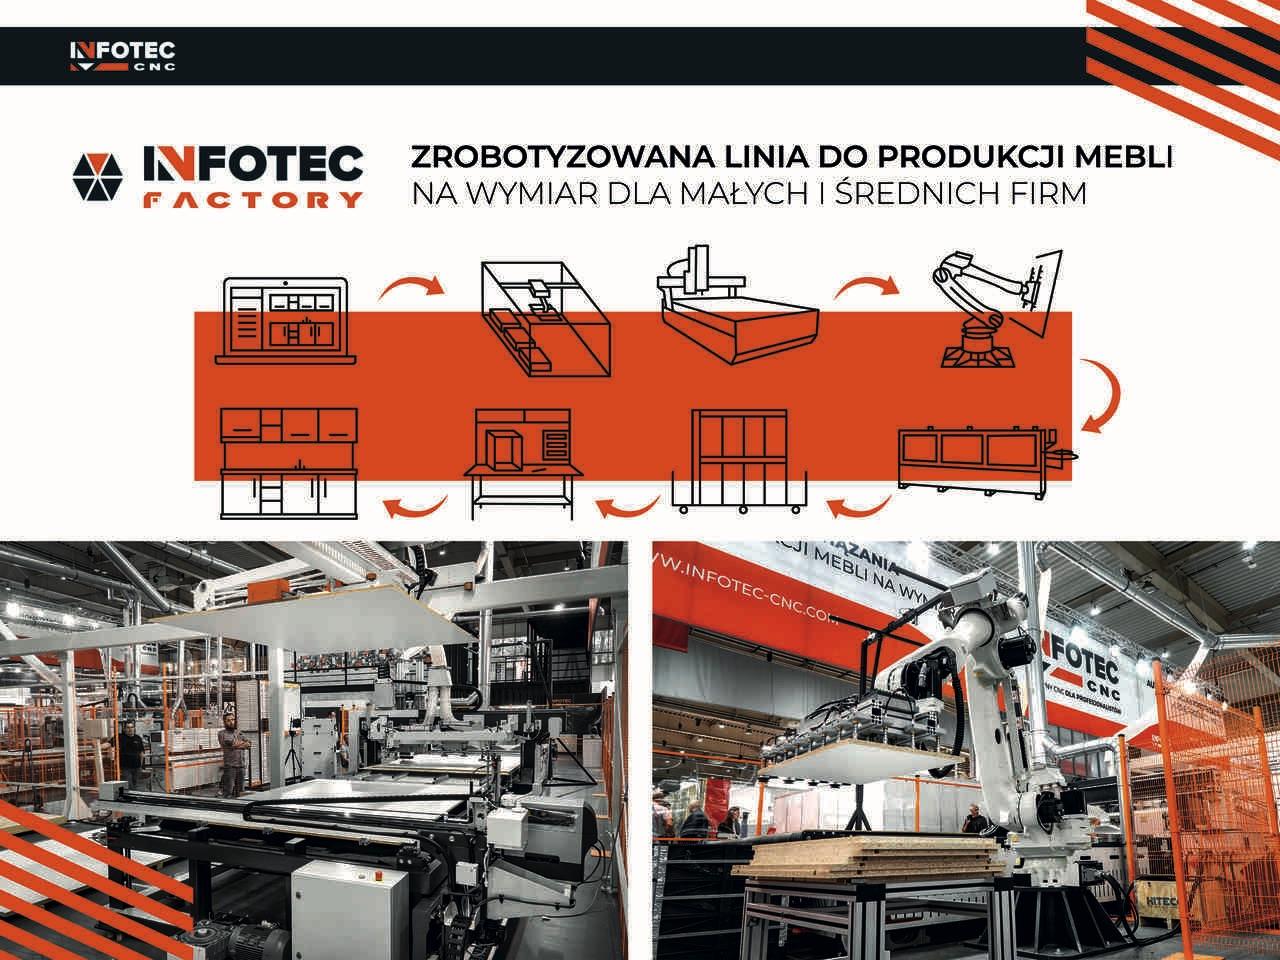 INFOTEC CNC Zrobotyzowana linia do produkcji mebli na wymiar